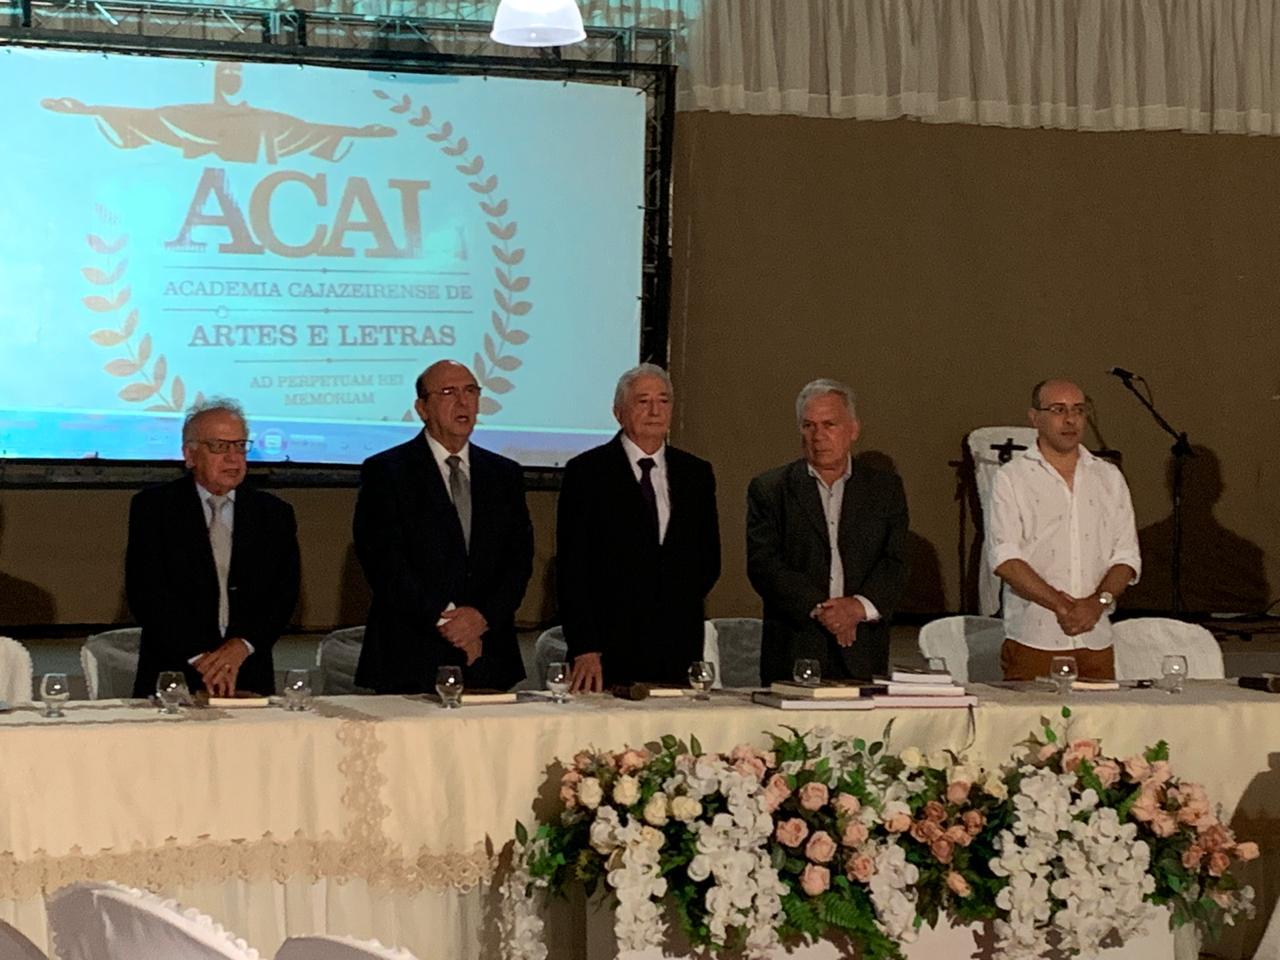 WhatsApp Image 2019 05 24 at 21.07.02 - Gutemberg Cardoso é empossado membro da Academia Cajazeirense de Artes e Letras